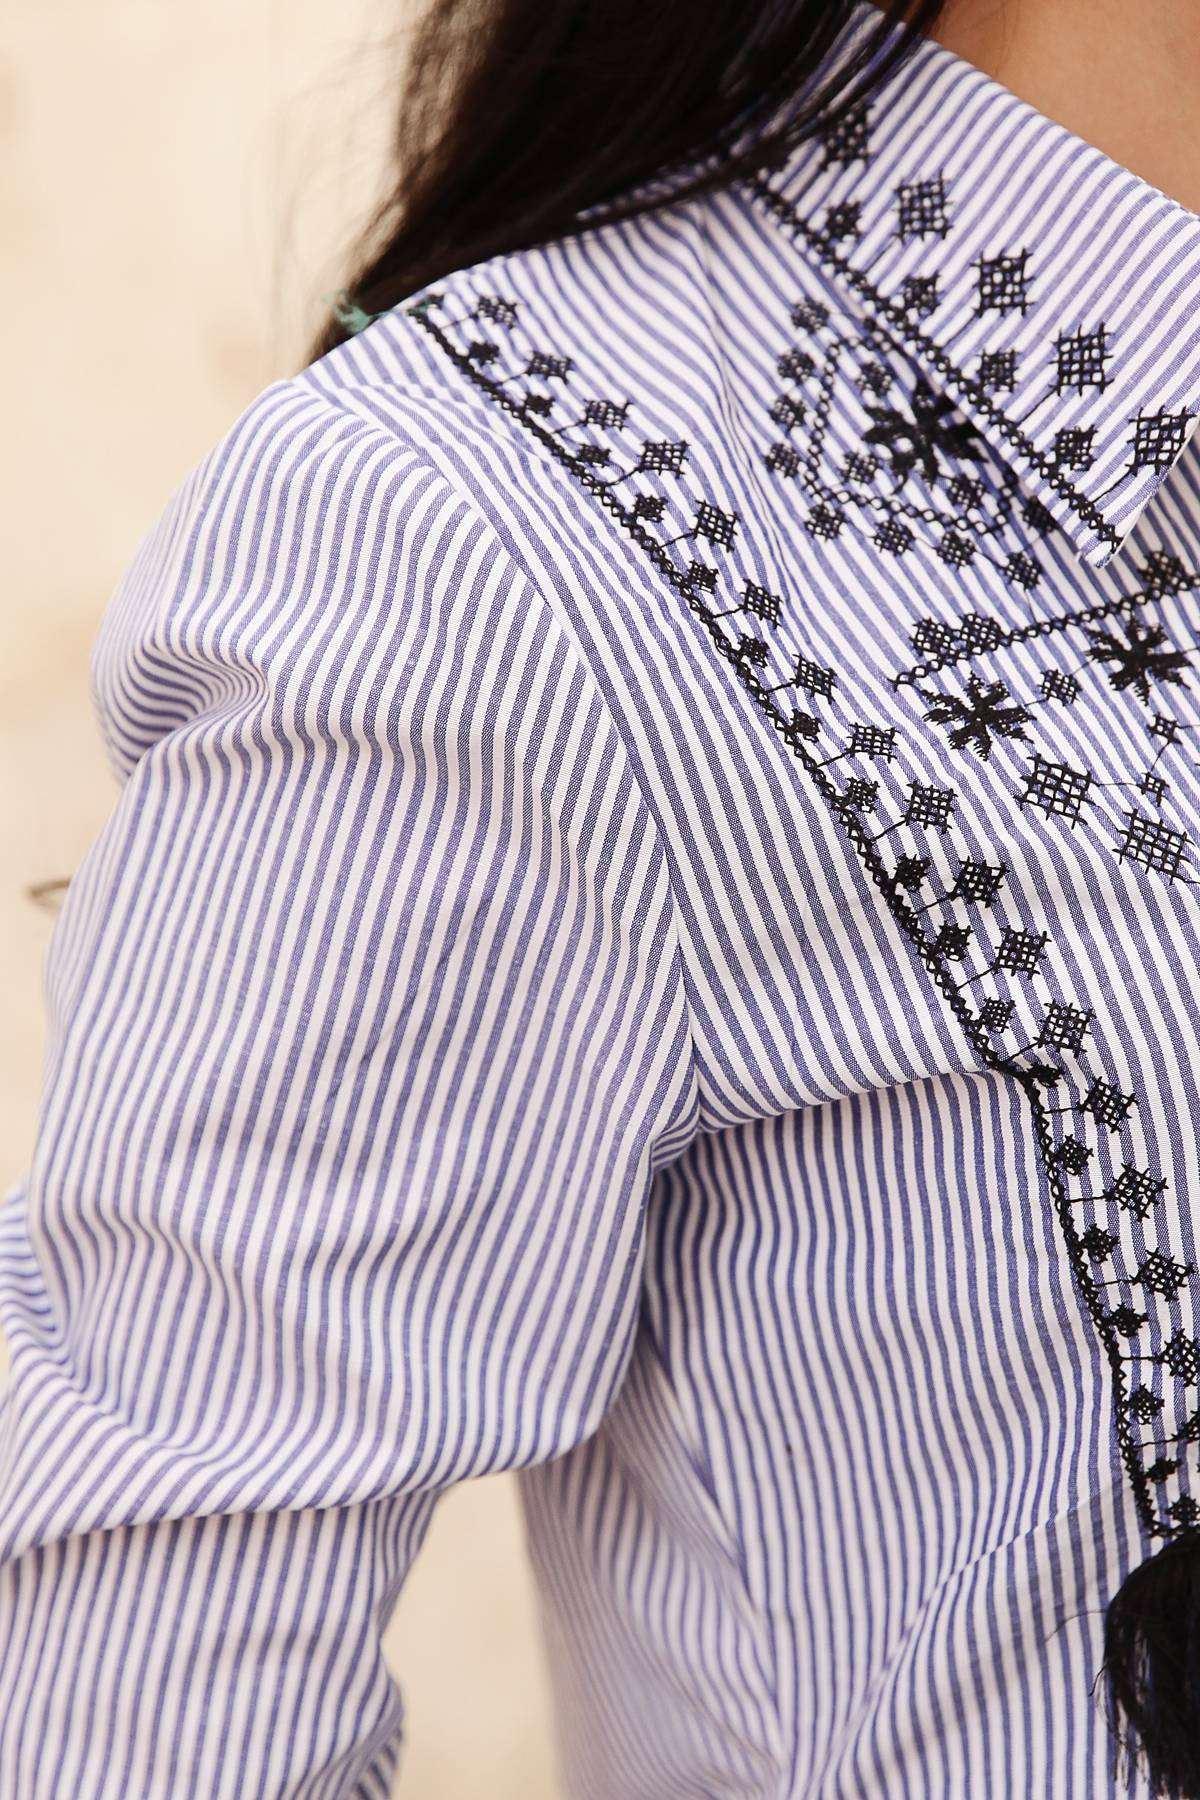 Önü Çiçek Nakışlı Püsküllü Kol Ucu Detaylı Çizgili Gömlek Beyaz-Lacivert